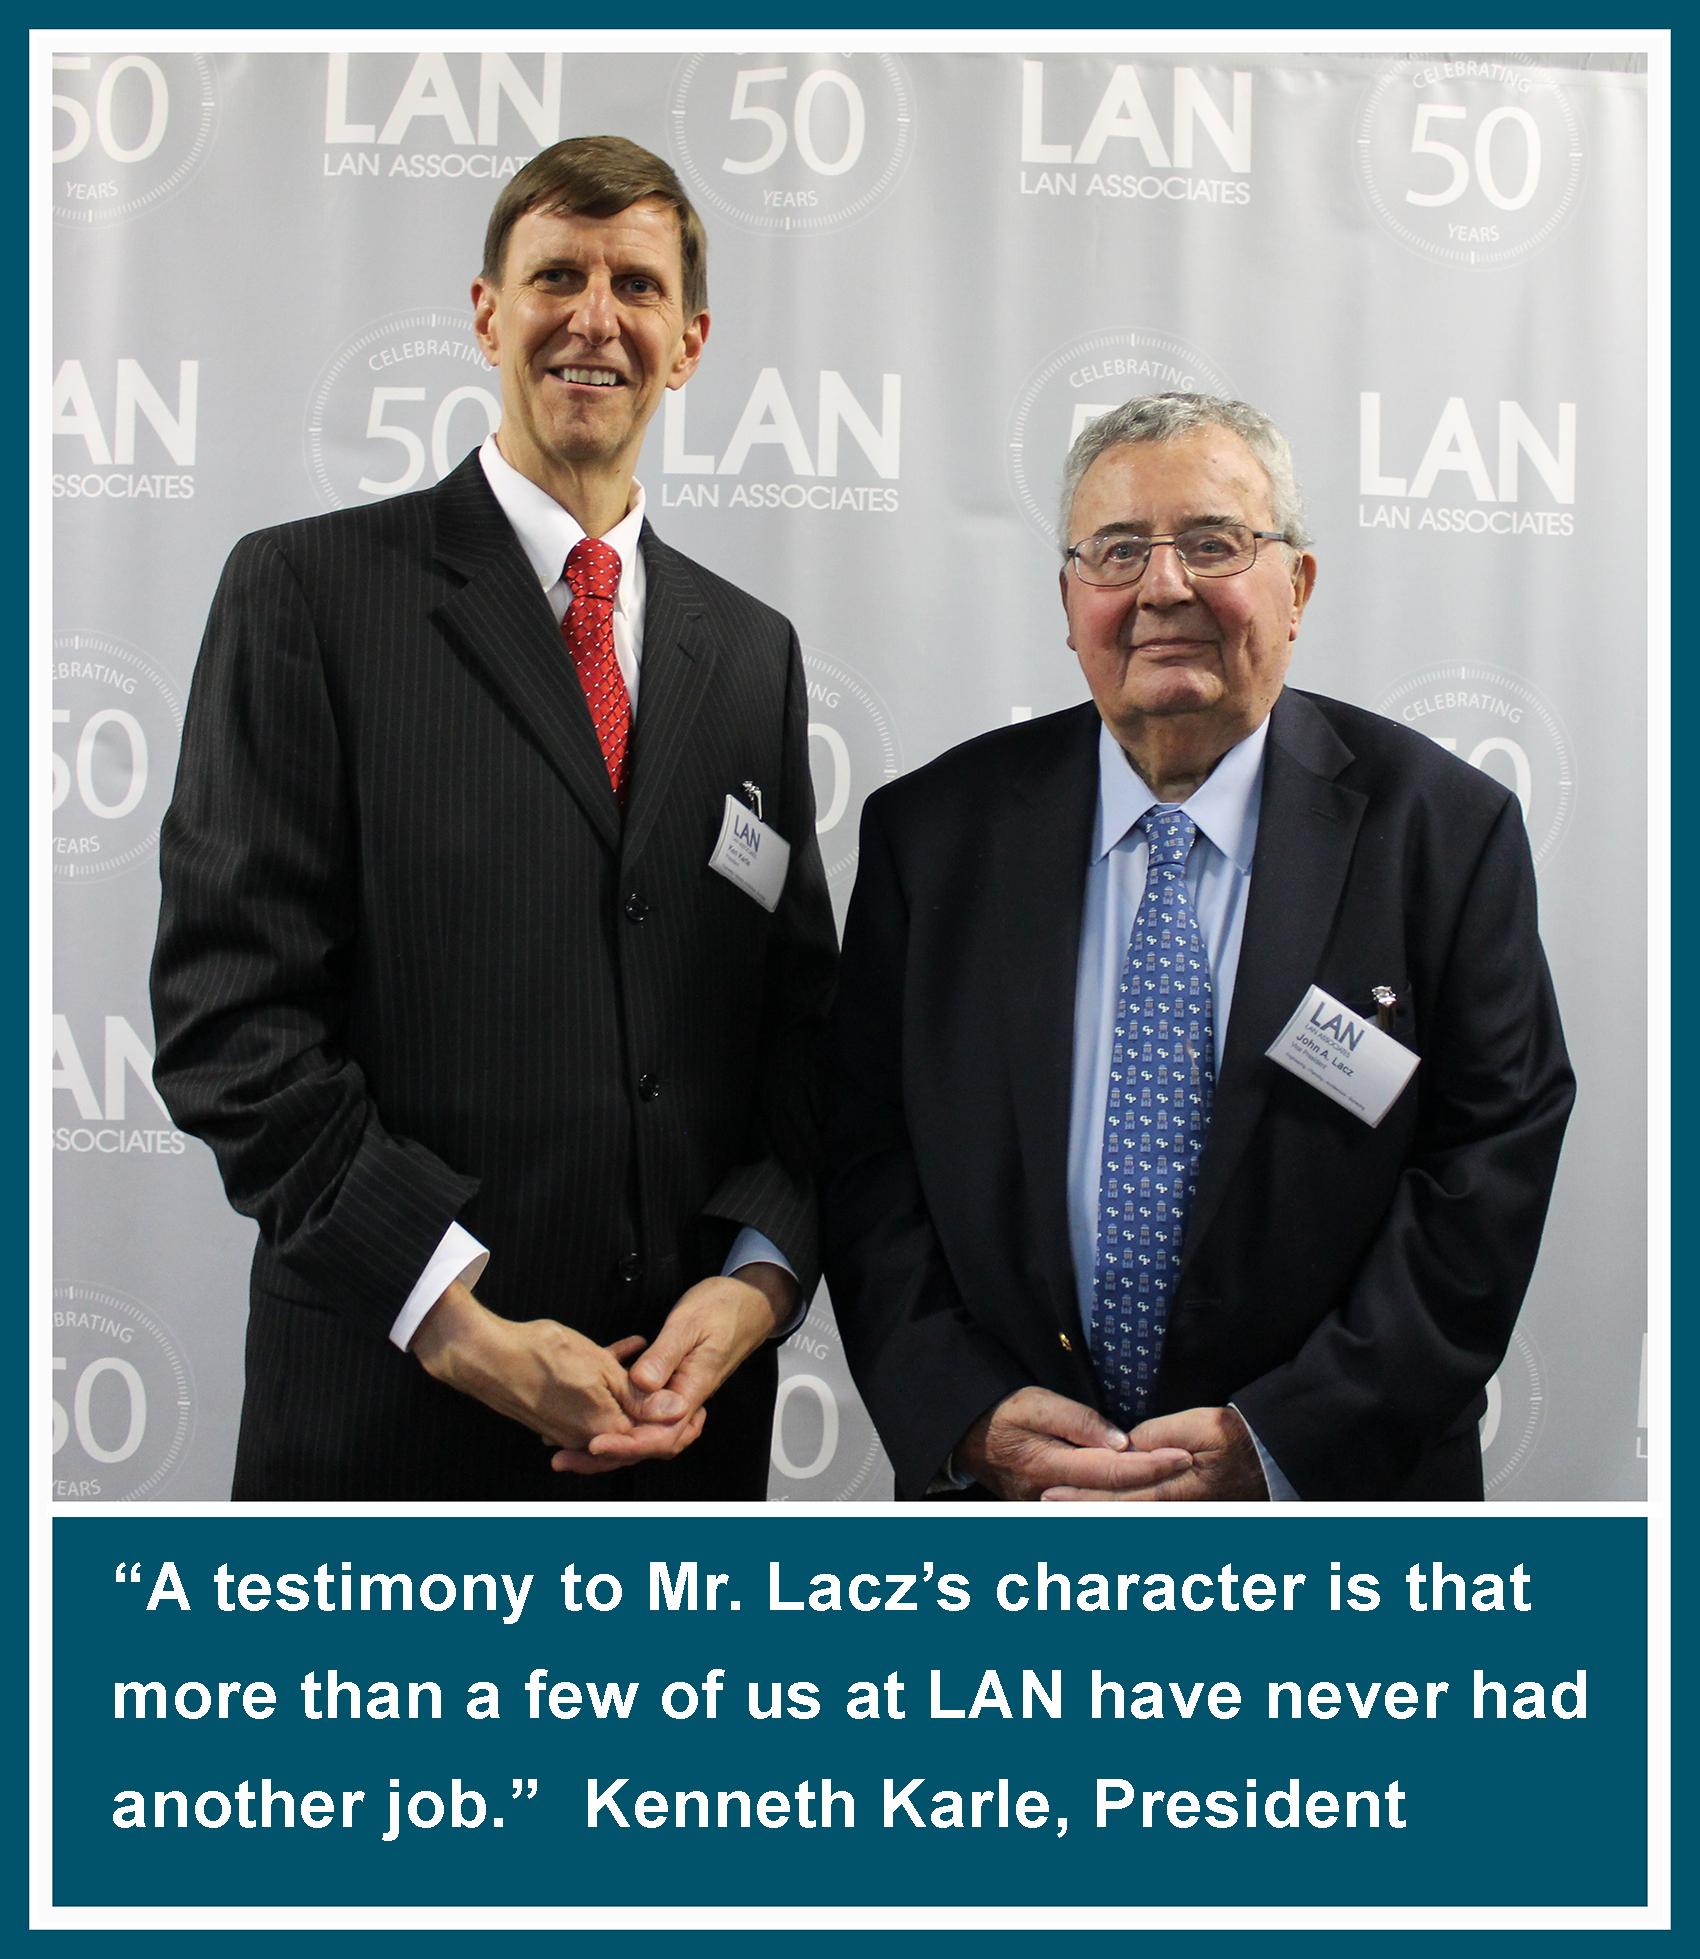 Kenneth Karle, President of LAN with LAN Founder John Lacz